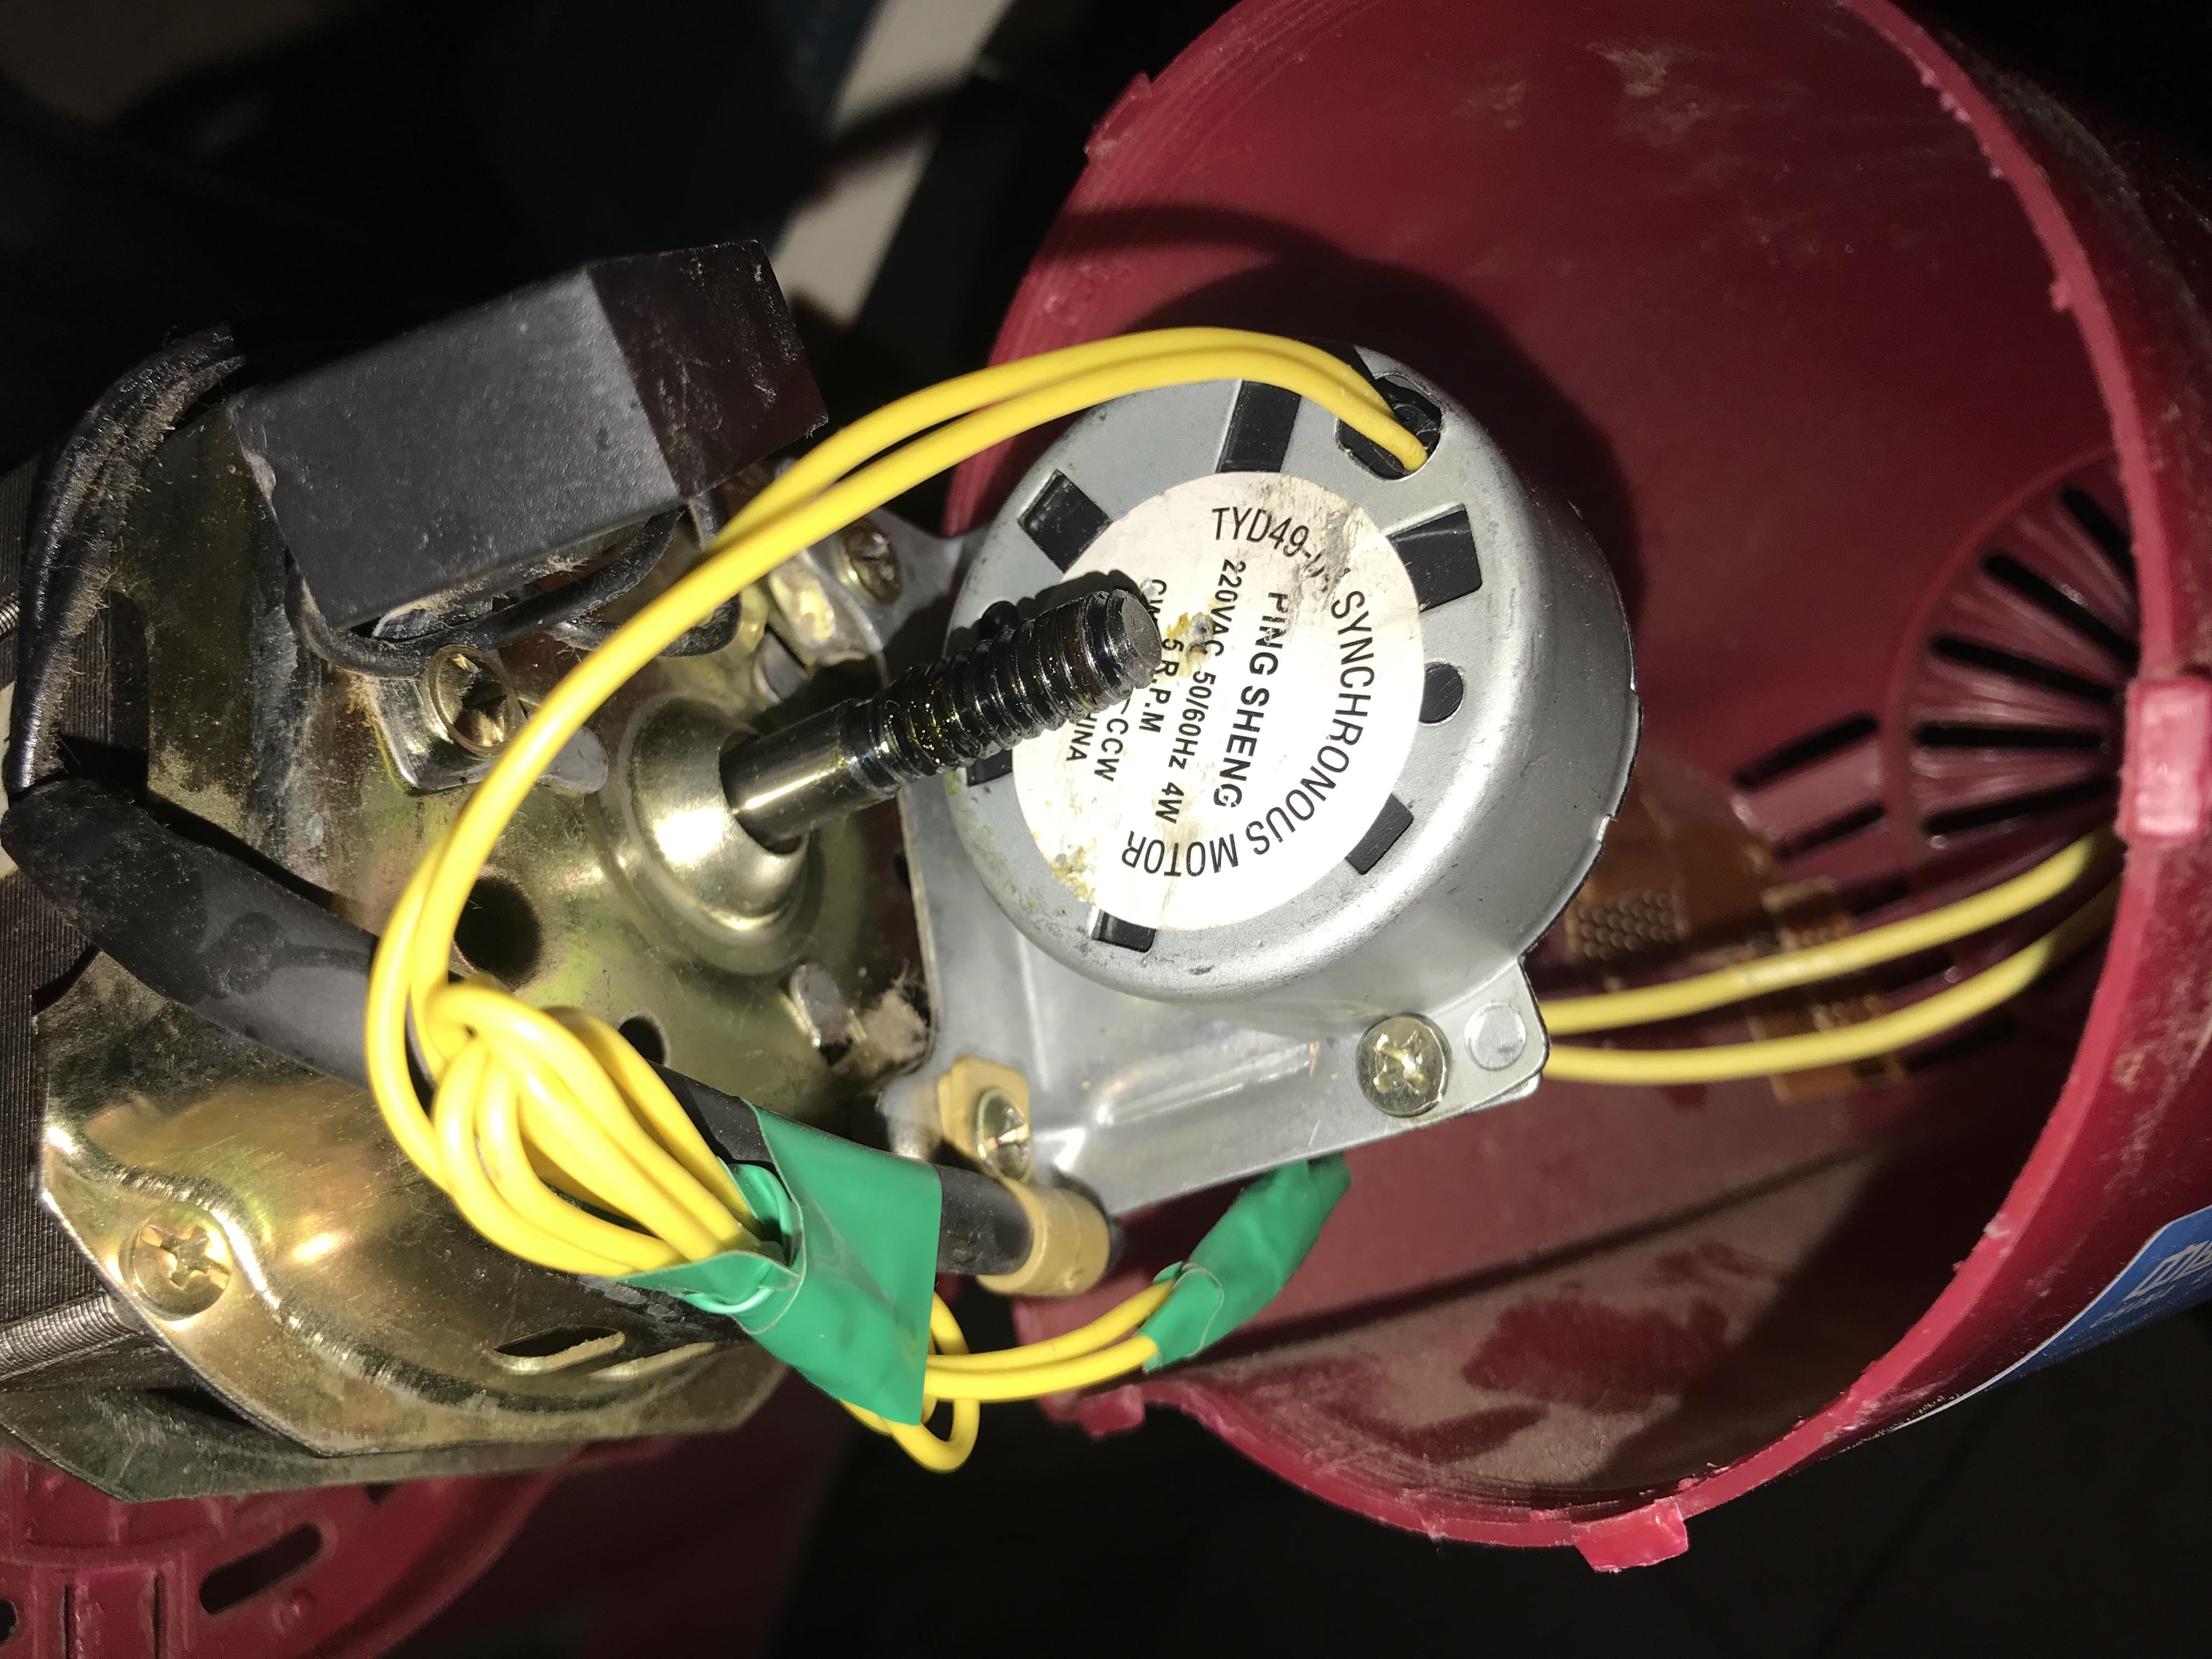 摇头电机组件,微动按键,led灯,继电器组,220v降5v降压模块,蜂鸣器等.